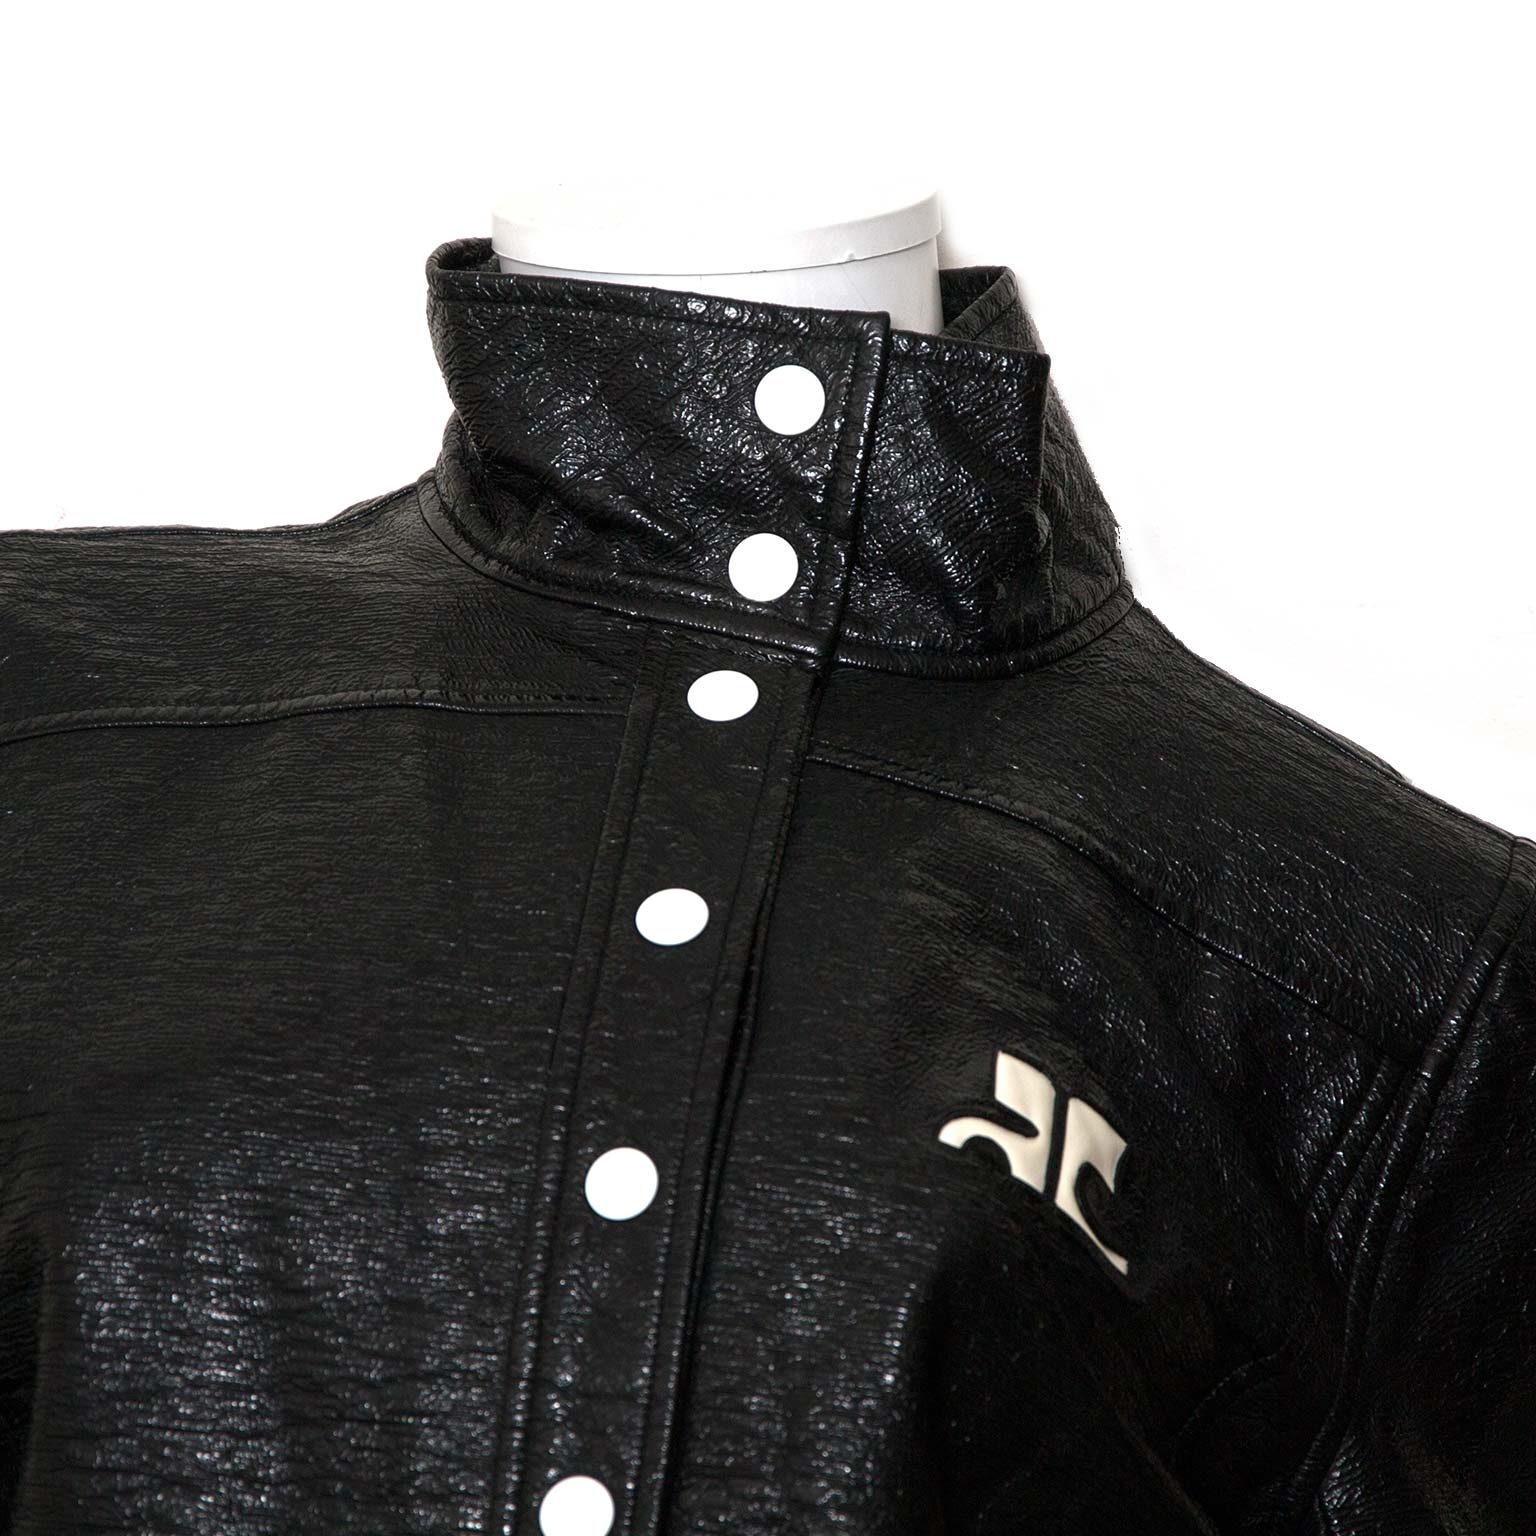 Koop Courrèges Iconic Black Patent Jacket  in Antwerpen aan de beste prijs